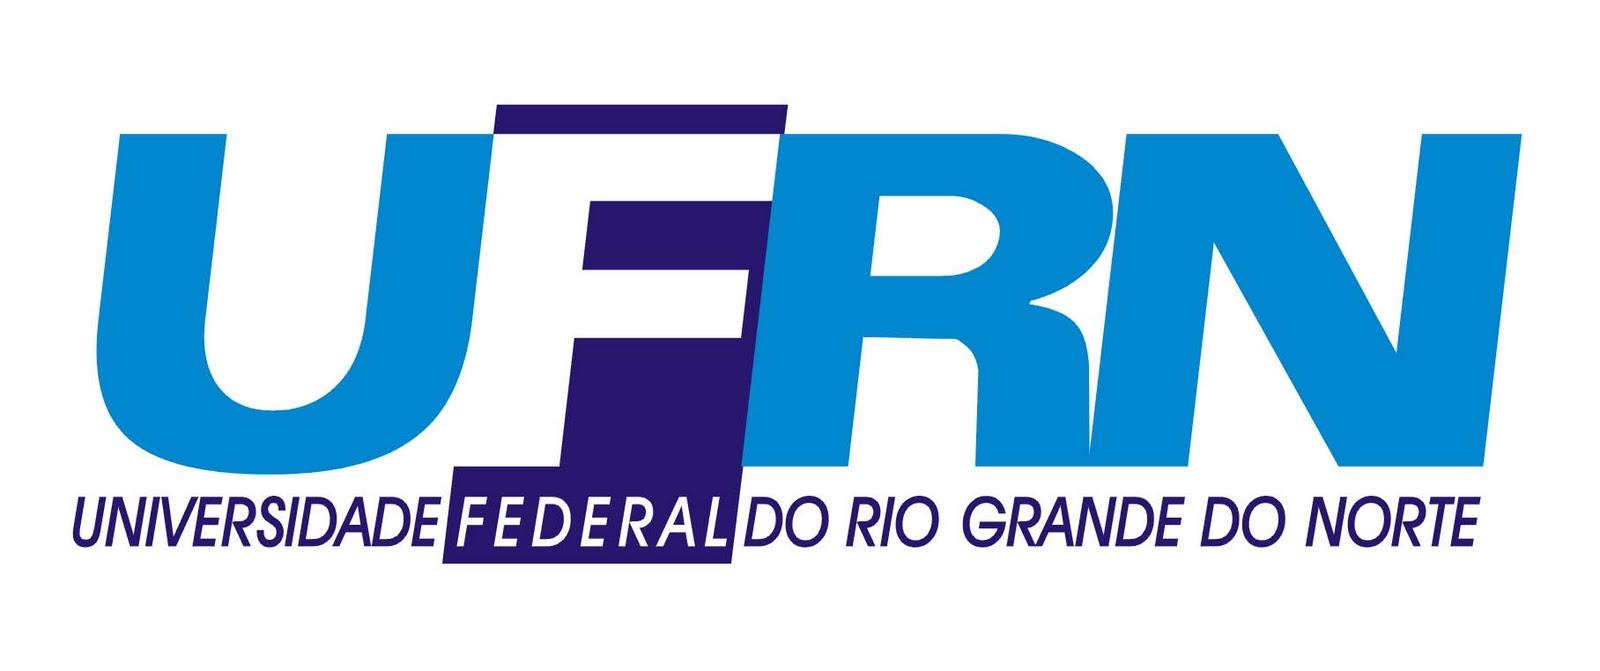 UFRN abre Processo Seletivo com vagas de níveis Médio e Superior